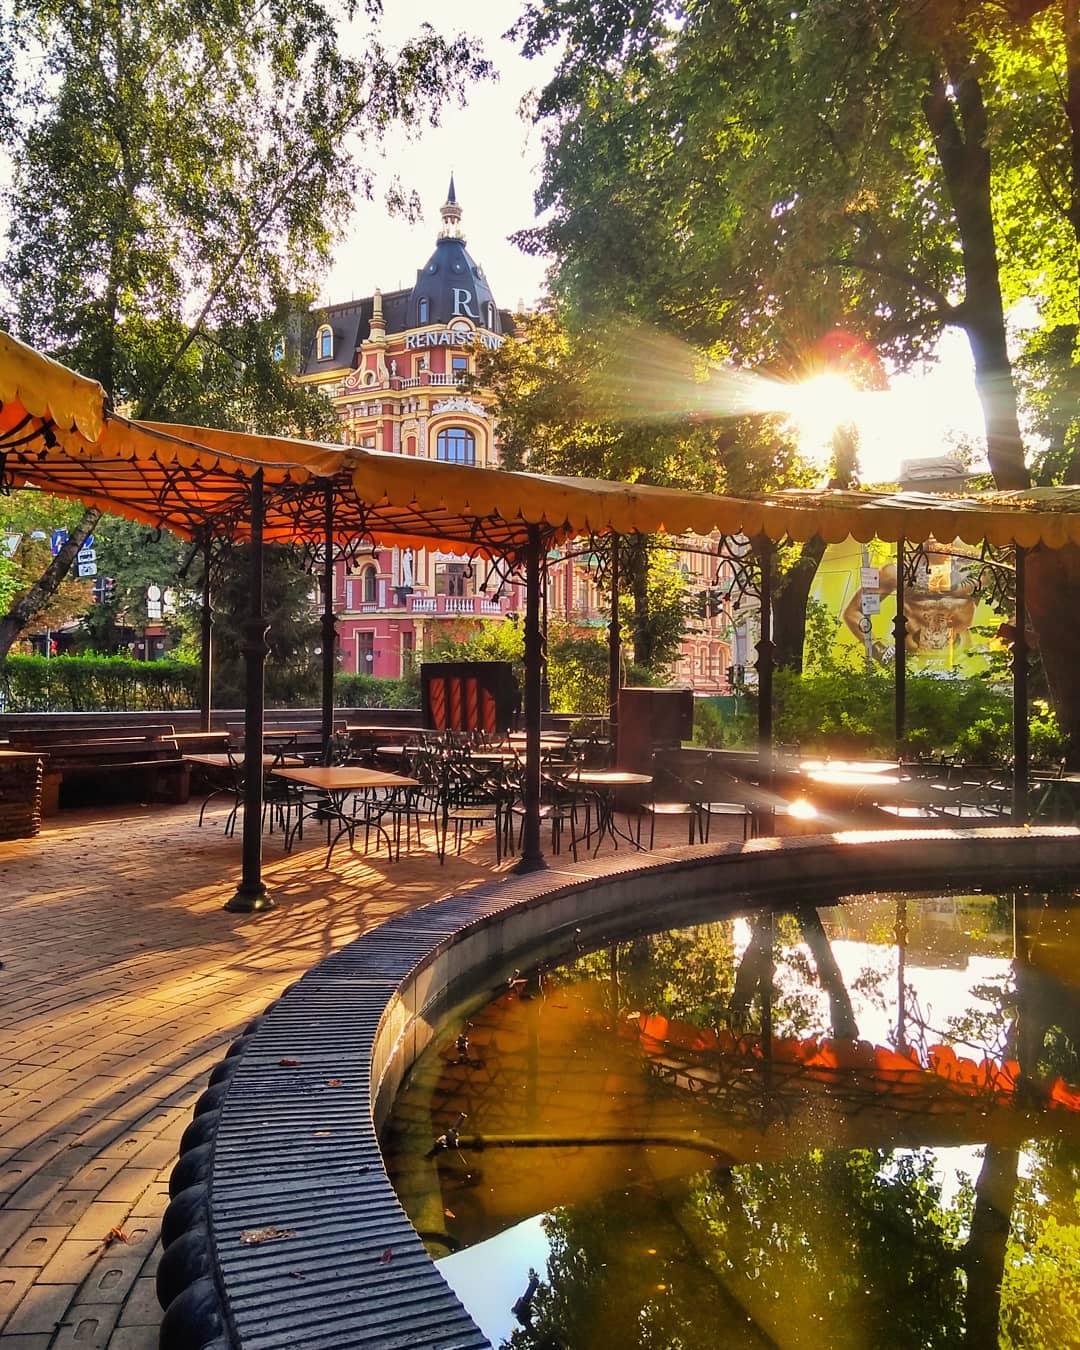 Узнаете это местечко? Фонтан около Золотых ворот. Фото: @zhe.nichka